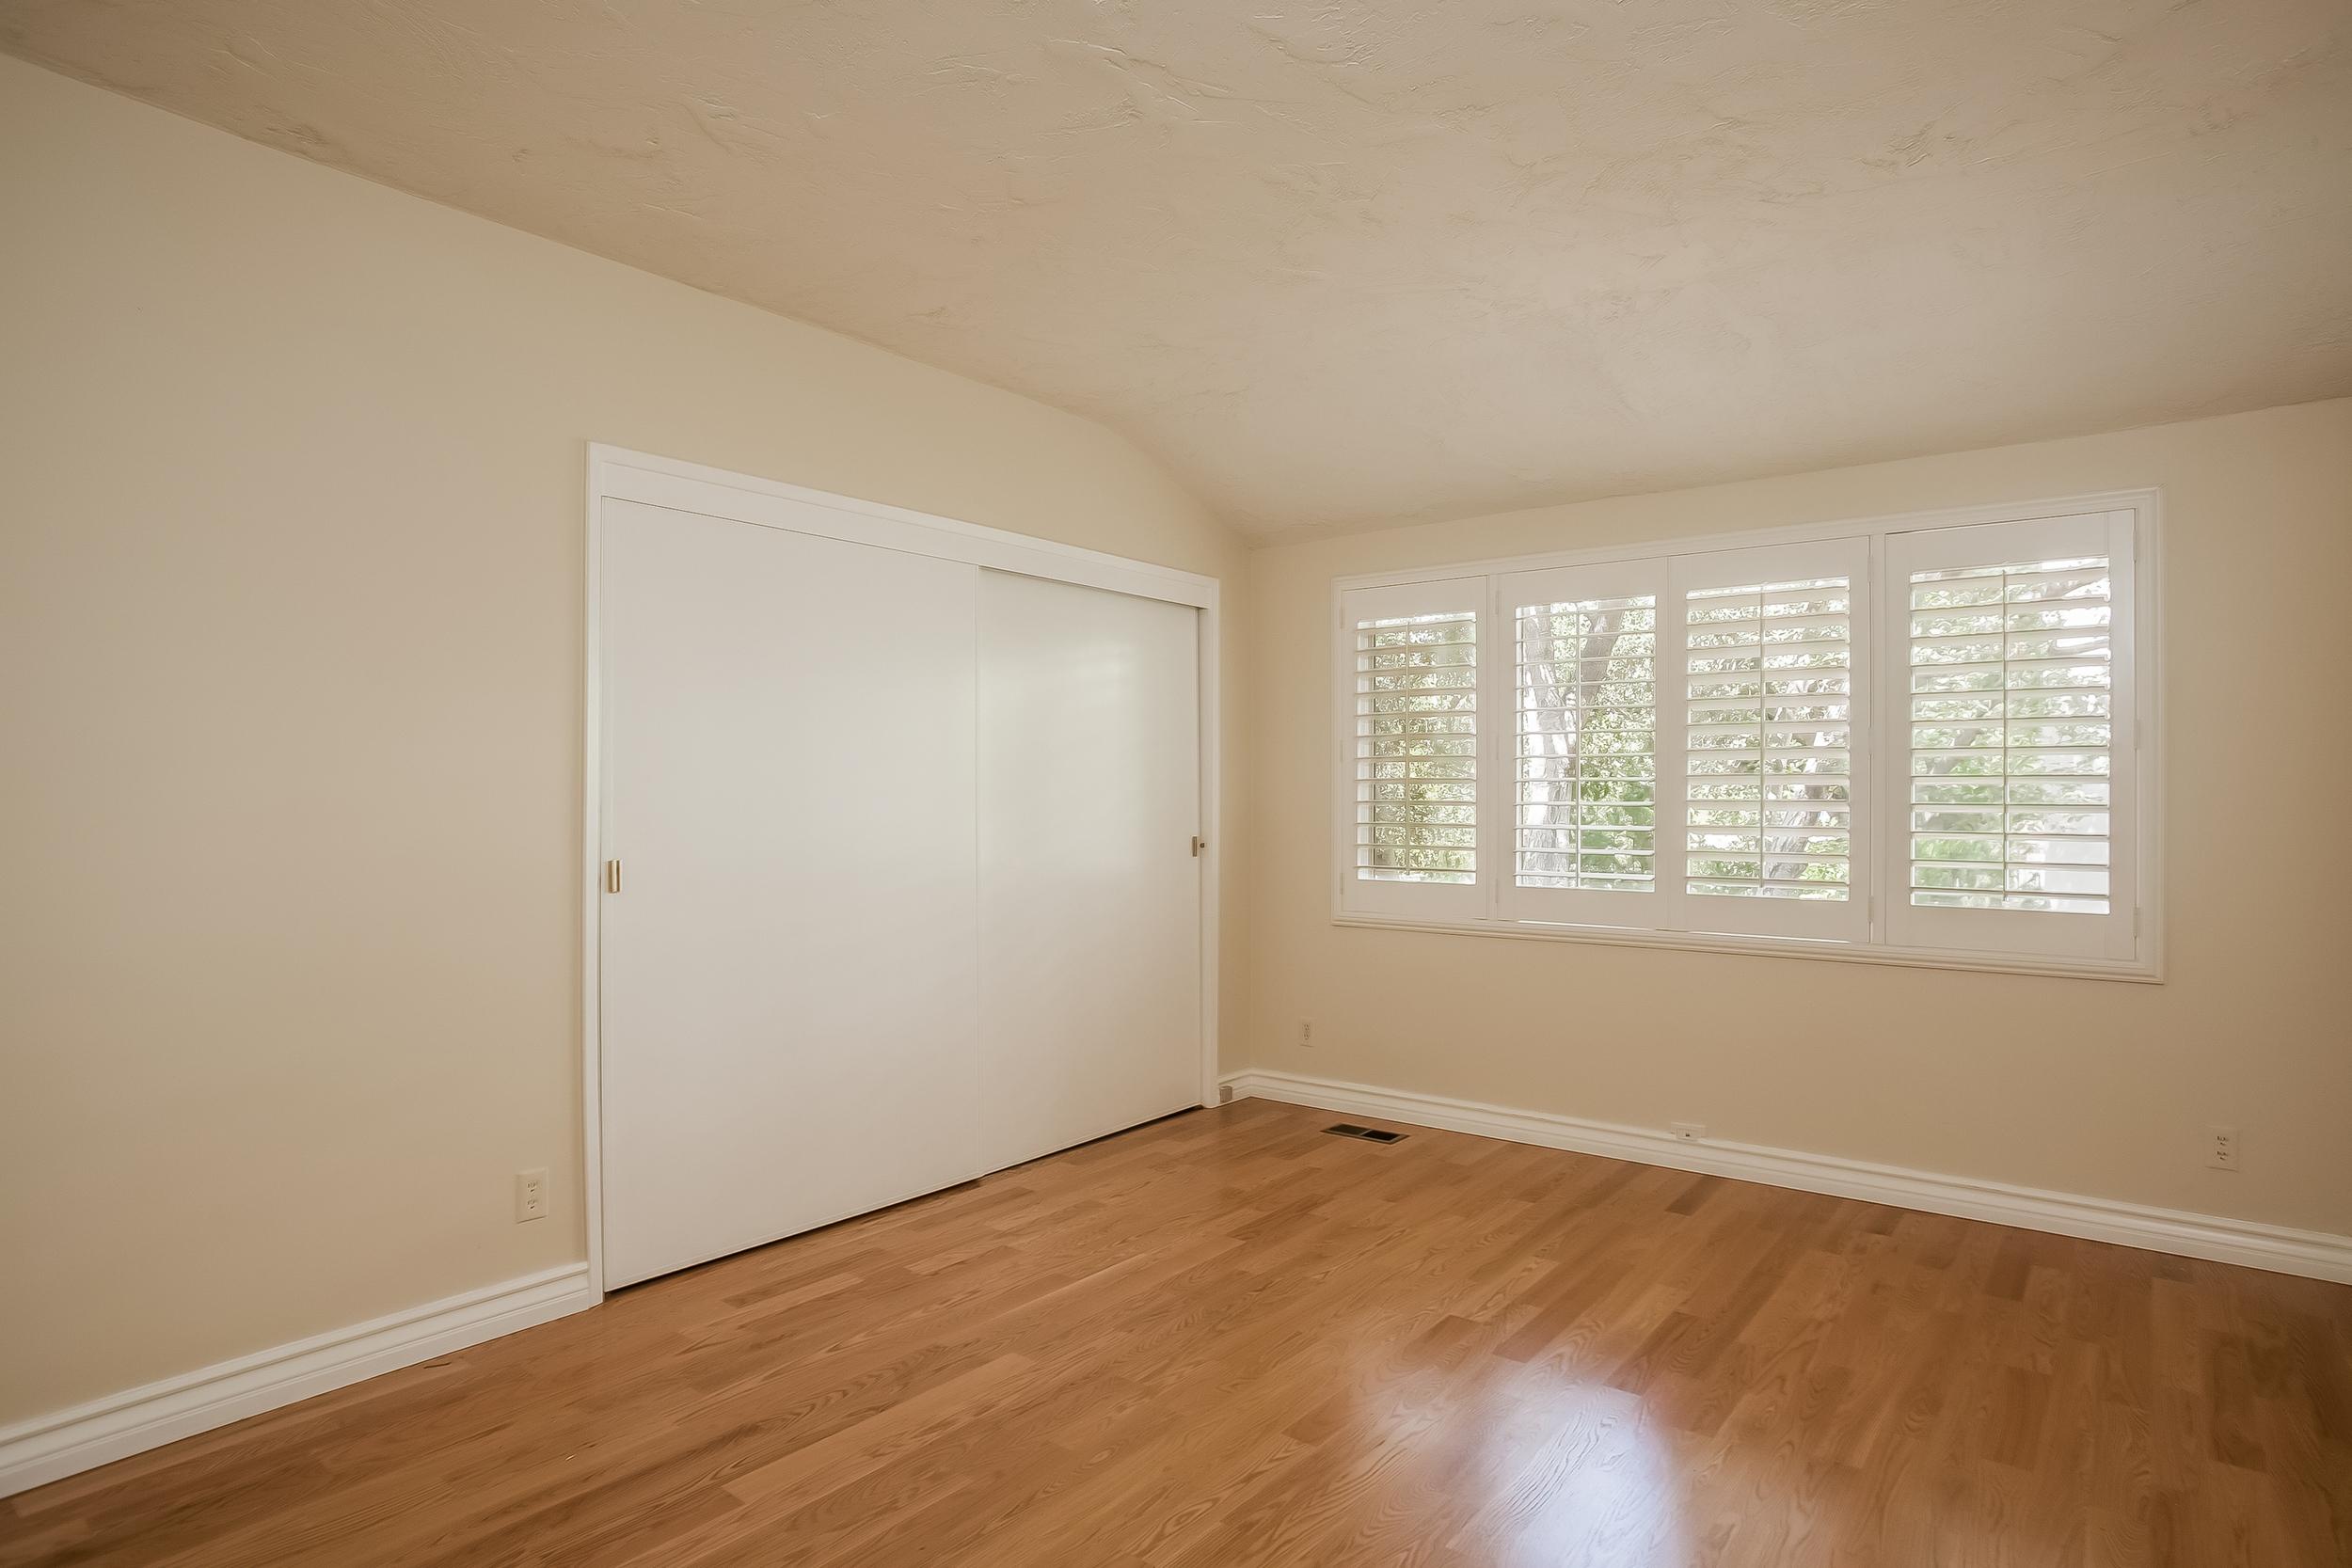 025-Bedroom-2804381-large.jpg